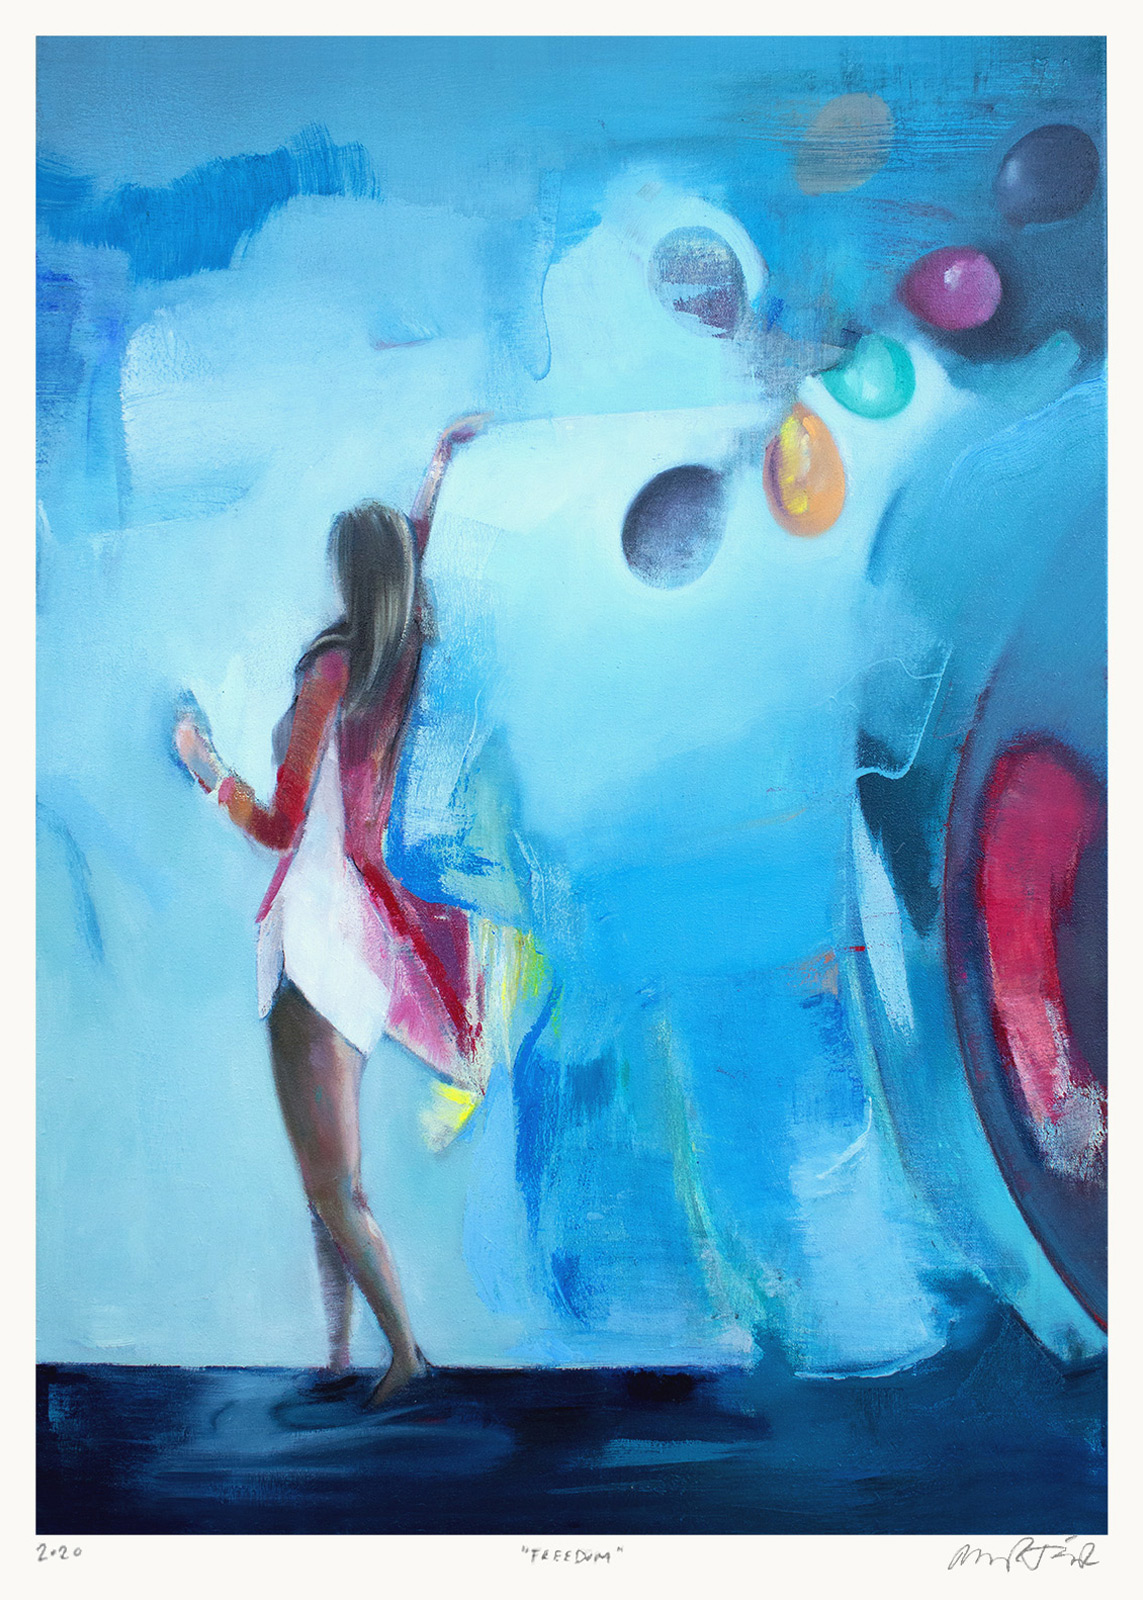 plakater-posters-kunsttryk, giclee-tryk, æstetiske, farverige, figurative, grafiske, illustrative, pop, kroppe, hverdagsliv, havet, blå, røde, blæk, papir, strand, smukke, samtidskunst, interiør, bolig-indretning, kærlighed, moderne, moderne-kunst, nordisk, fest, plakater, romantiske, skandinavisk, vand, Køb original kunst og kunstplakater. Malerier, tegninger, limited edition kunsttryk & plakater af dygtige kunstnere.